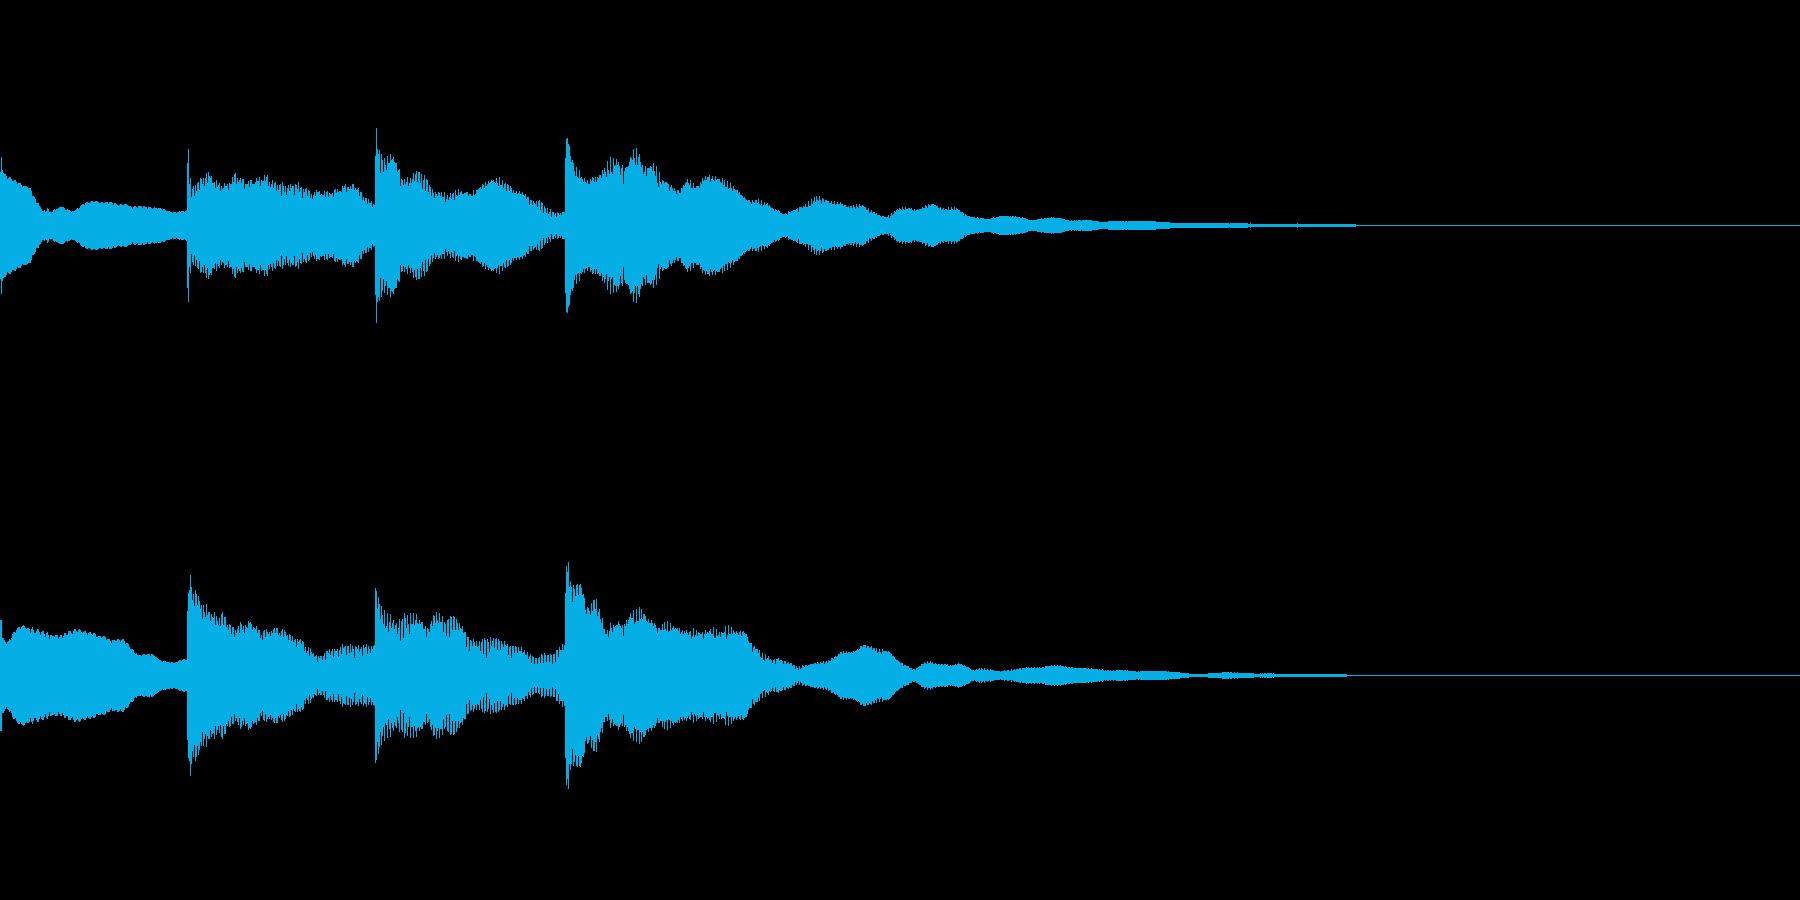 チャイム「ピンポンパンポーン」の再生済みの波形